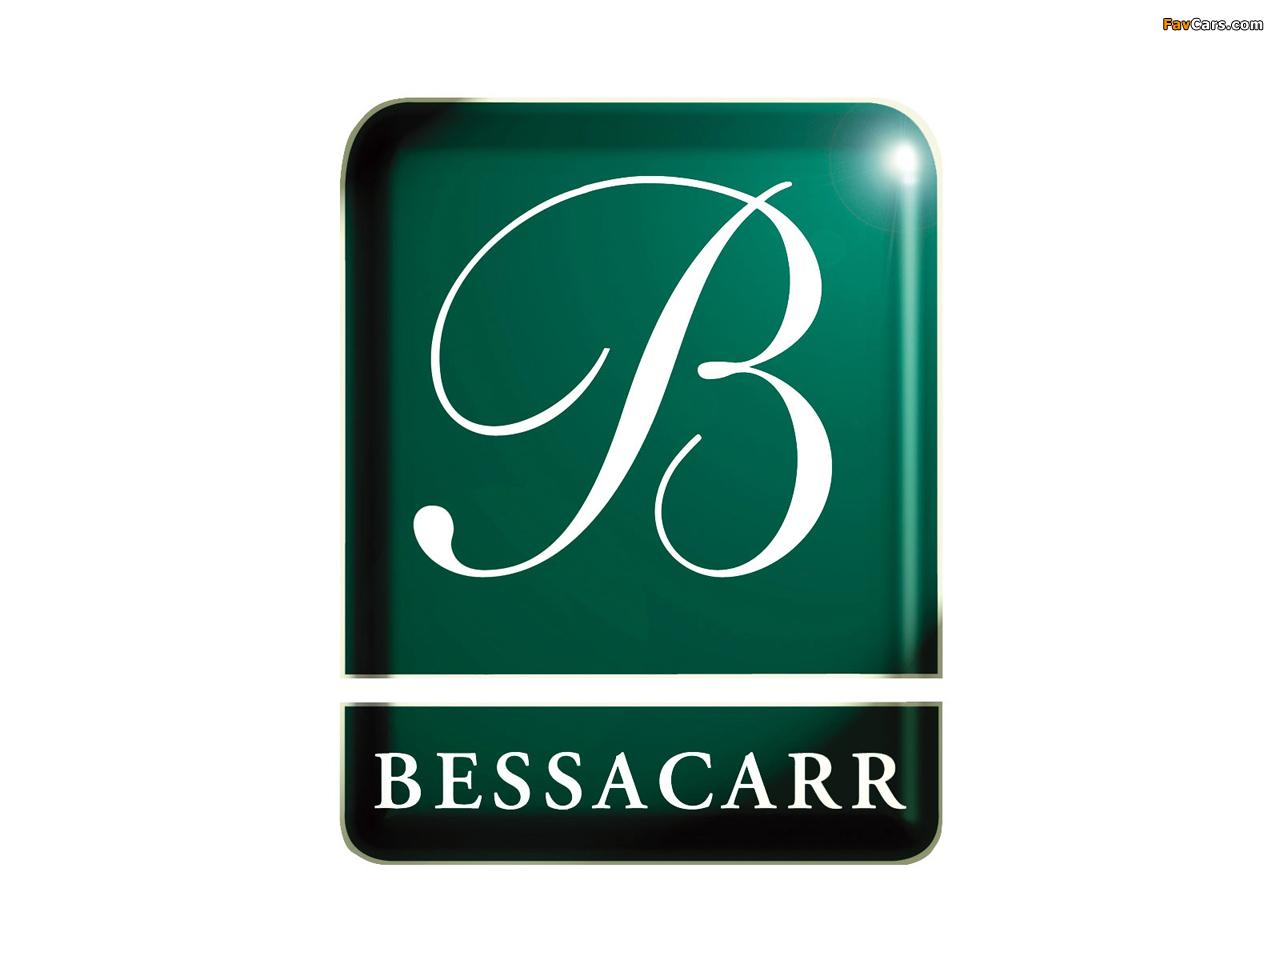 Photos of Bessacarr (1280 x 960)